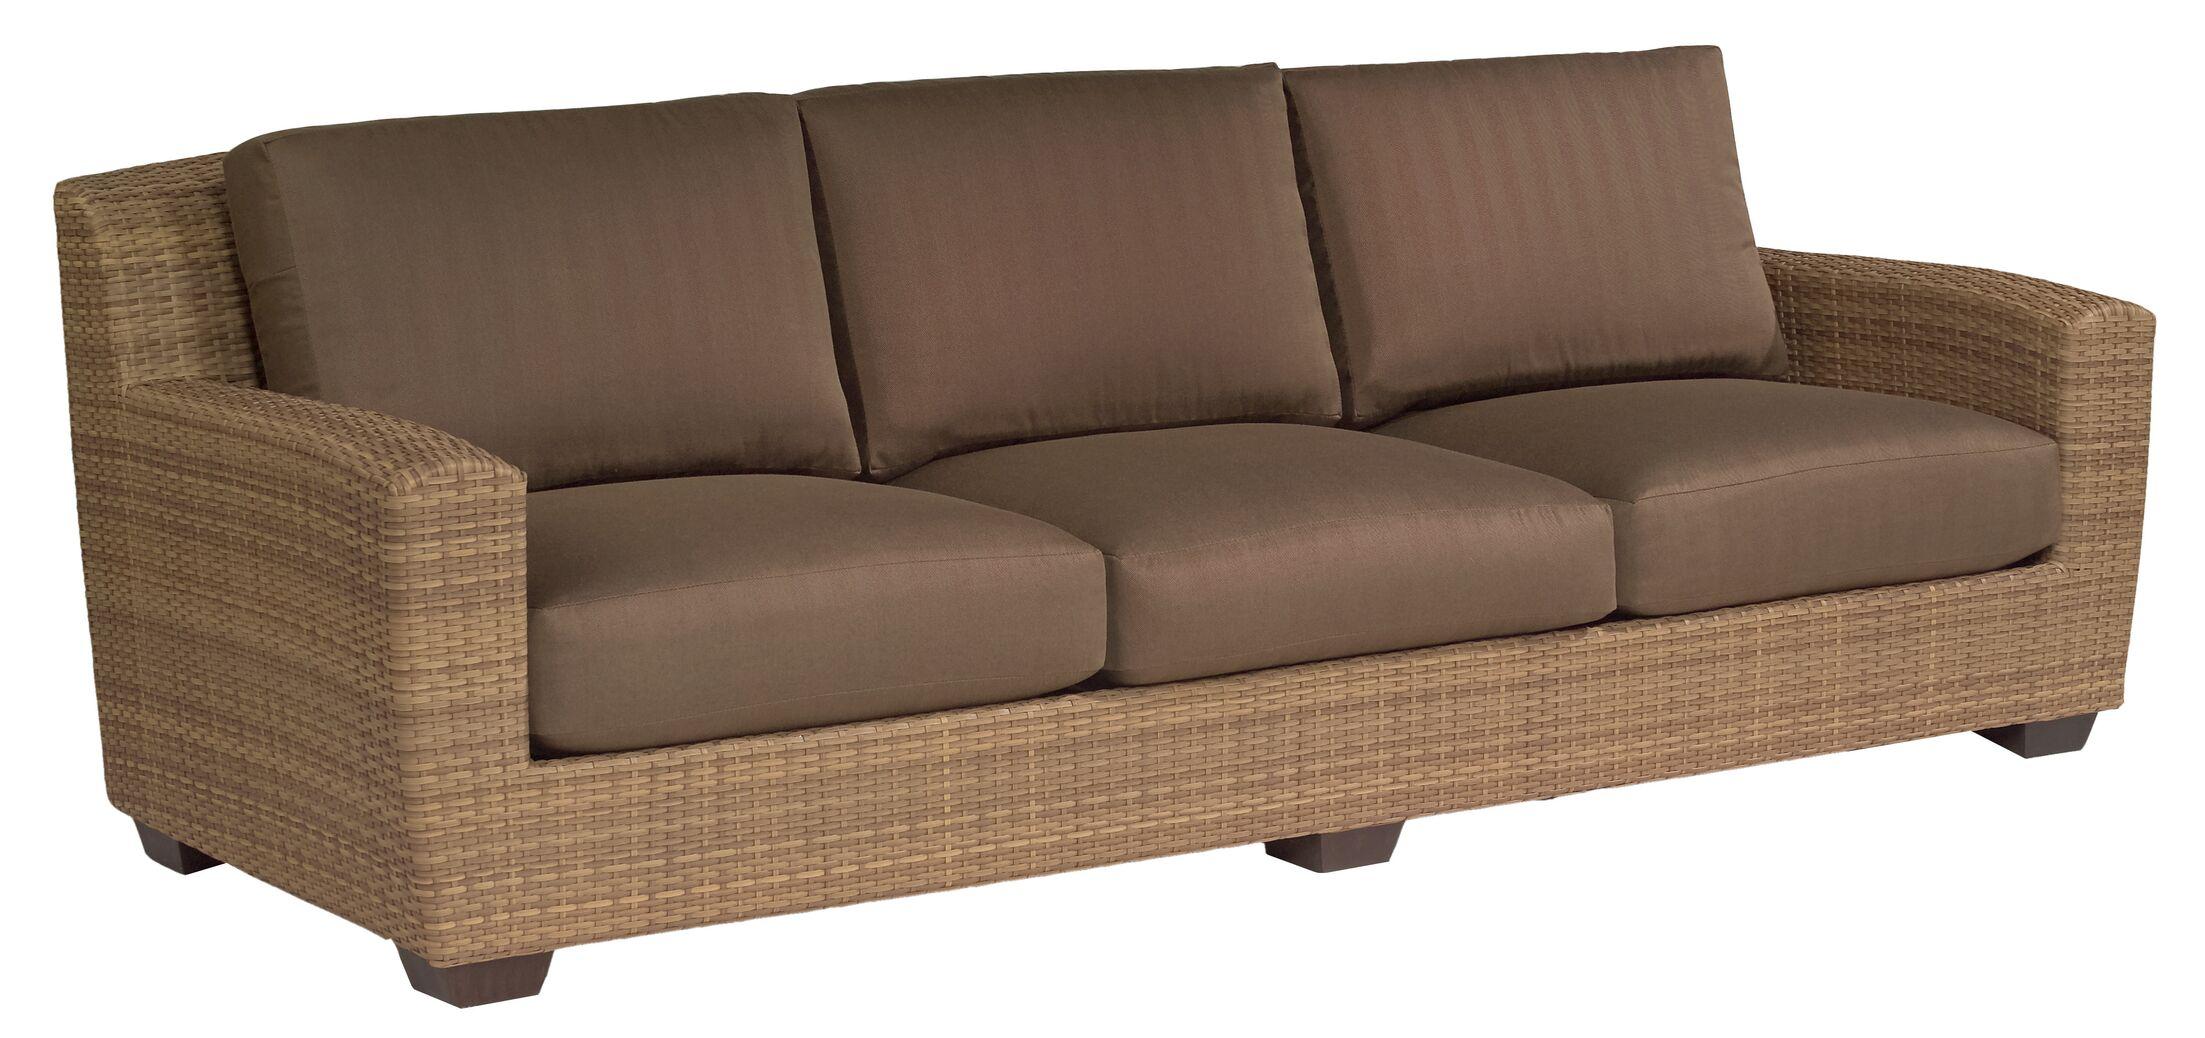 Saddleback Patio Sofa with Cushions Fabric: Avila Cocoa Weather Tex